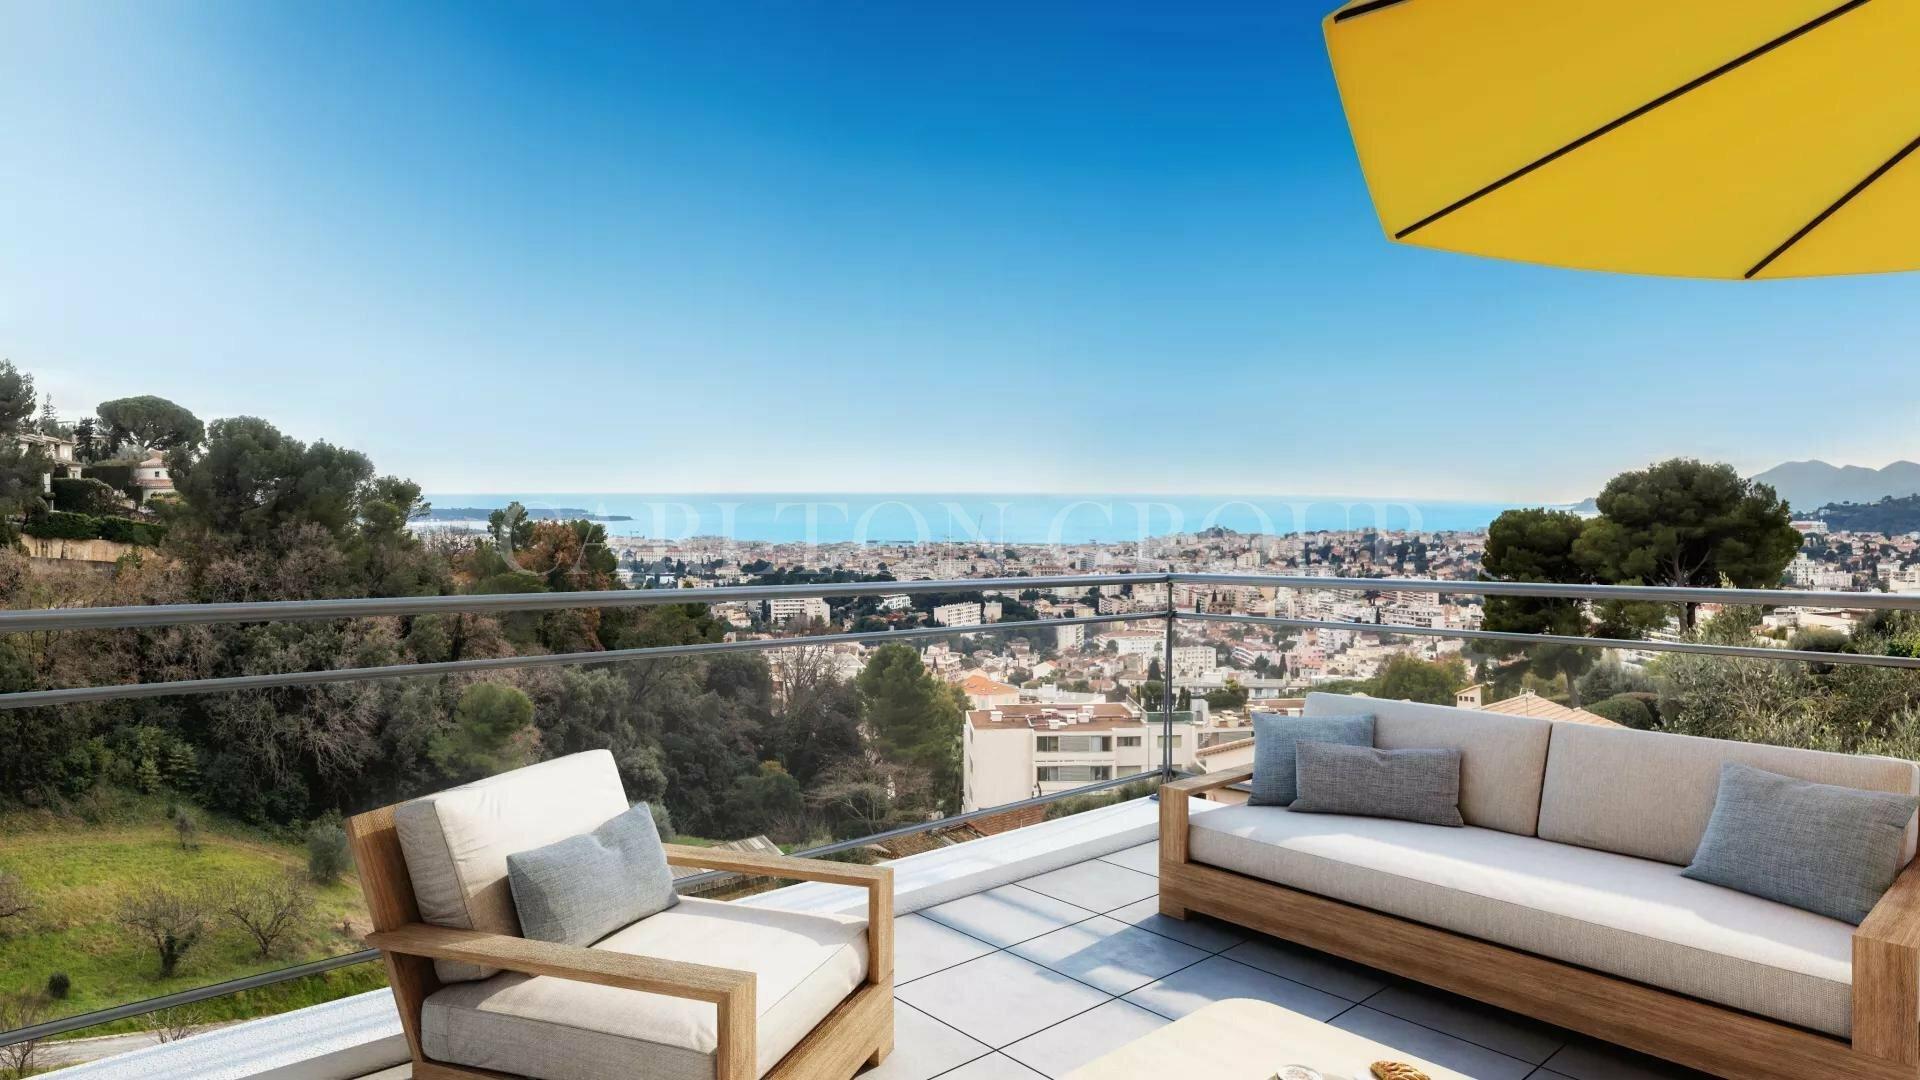 Apartment in Le Cannet, Provence-Alpes-Côte d'Azur, France 1 - 11529810